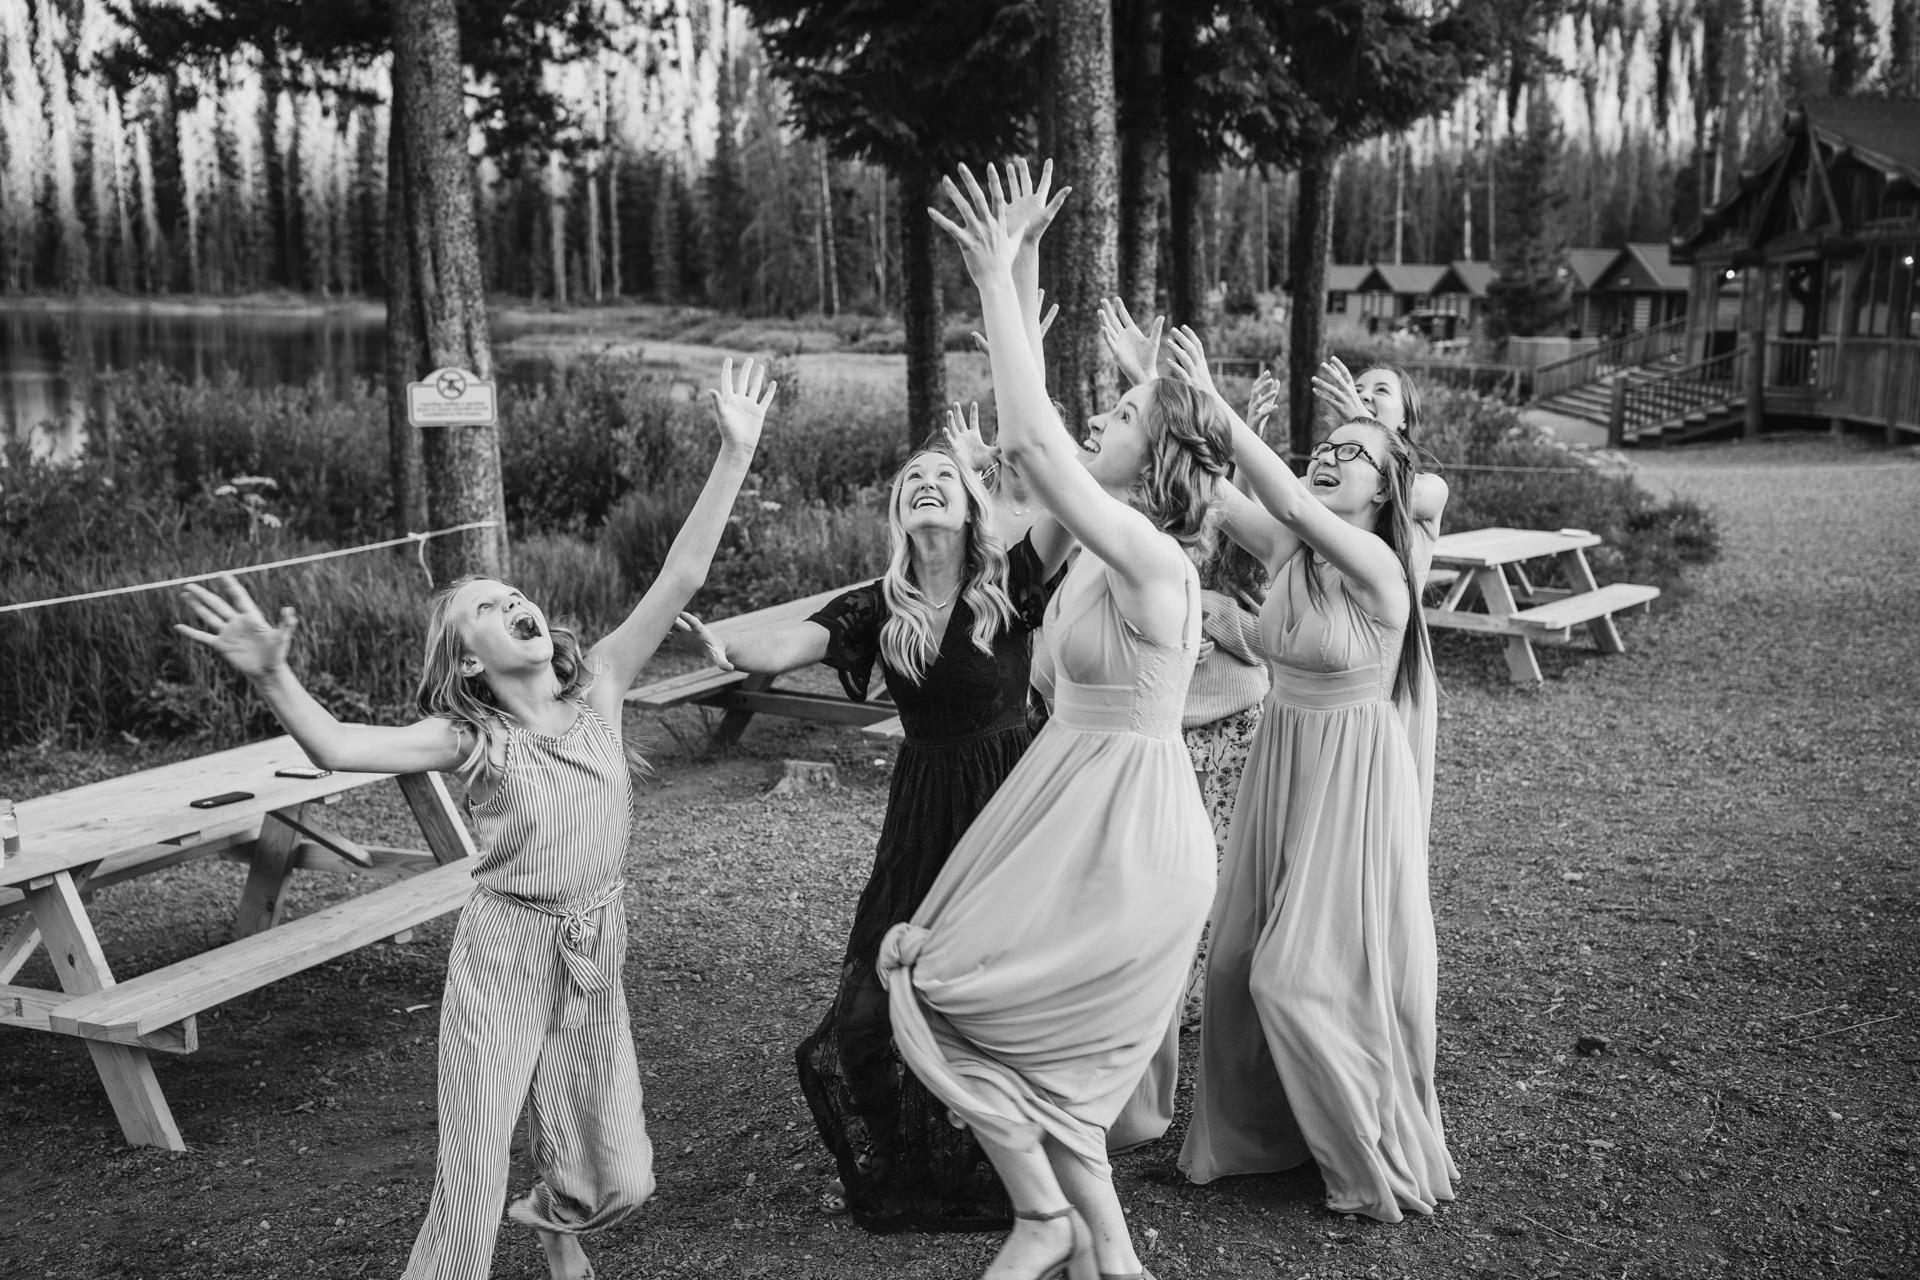 Vail Trouwafbeeldingen van Piney River Ranch, CO   Een kleine groep jonge bruidsmeisjes